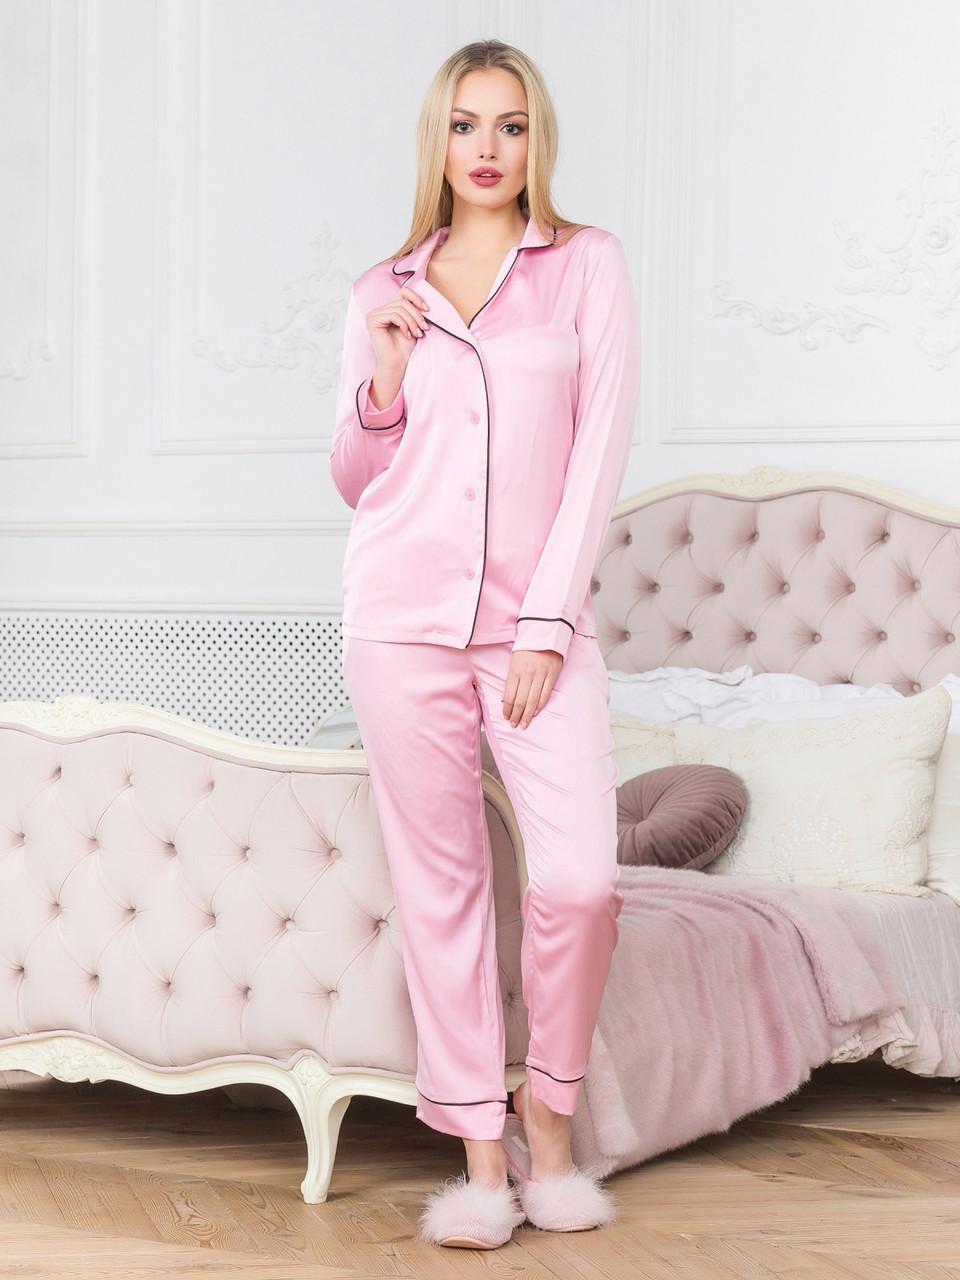 6bb5a3565d32 Шелковая нежная пижама с кантом розовая Кристи - DS Moda - женская одежда  оптом от производителя